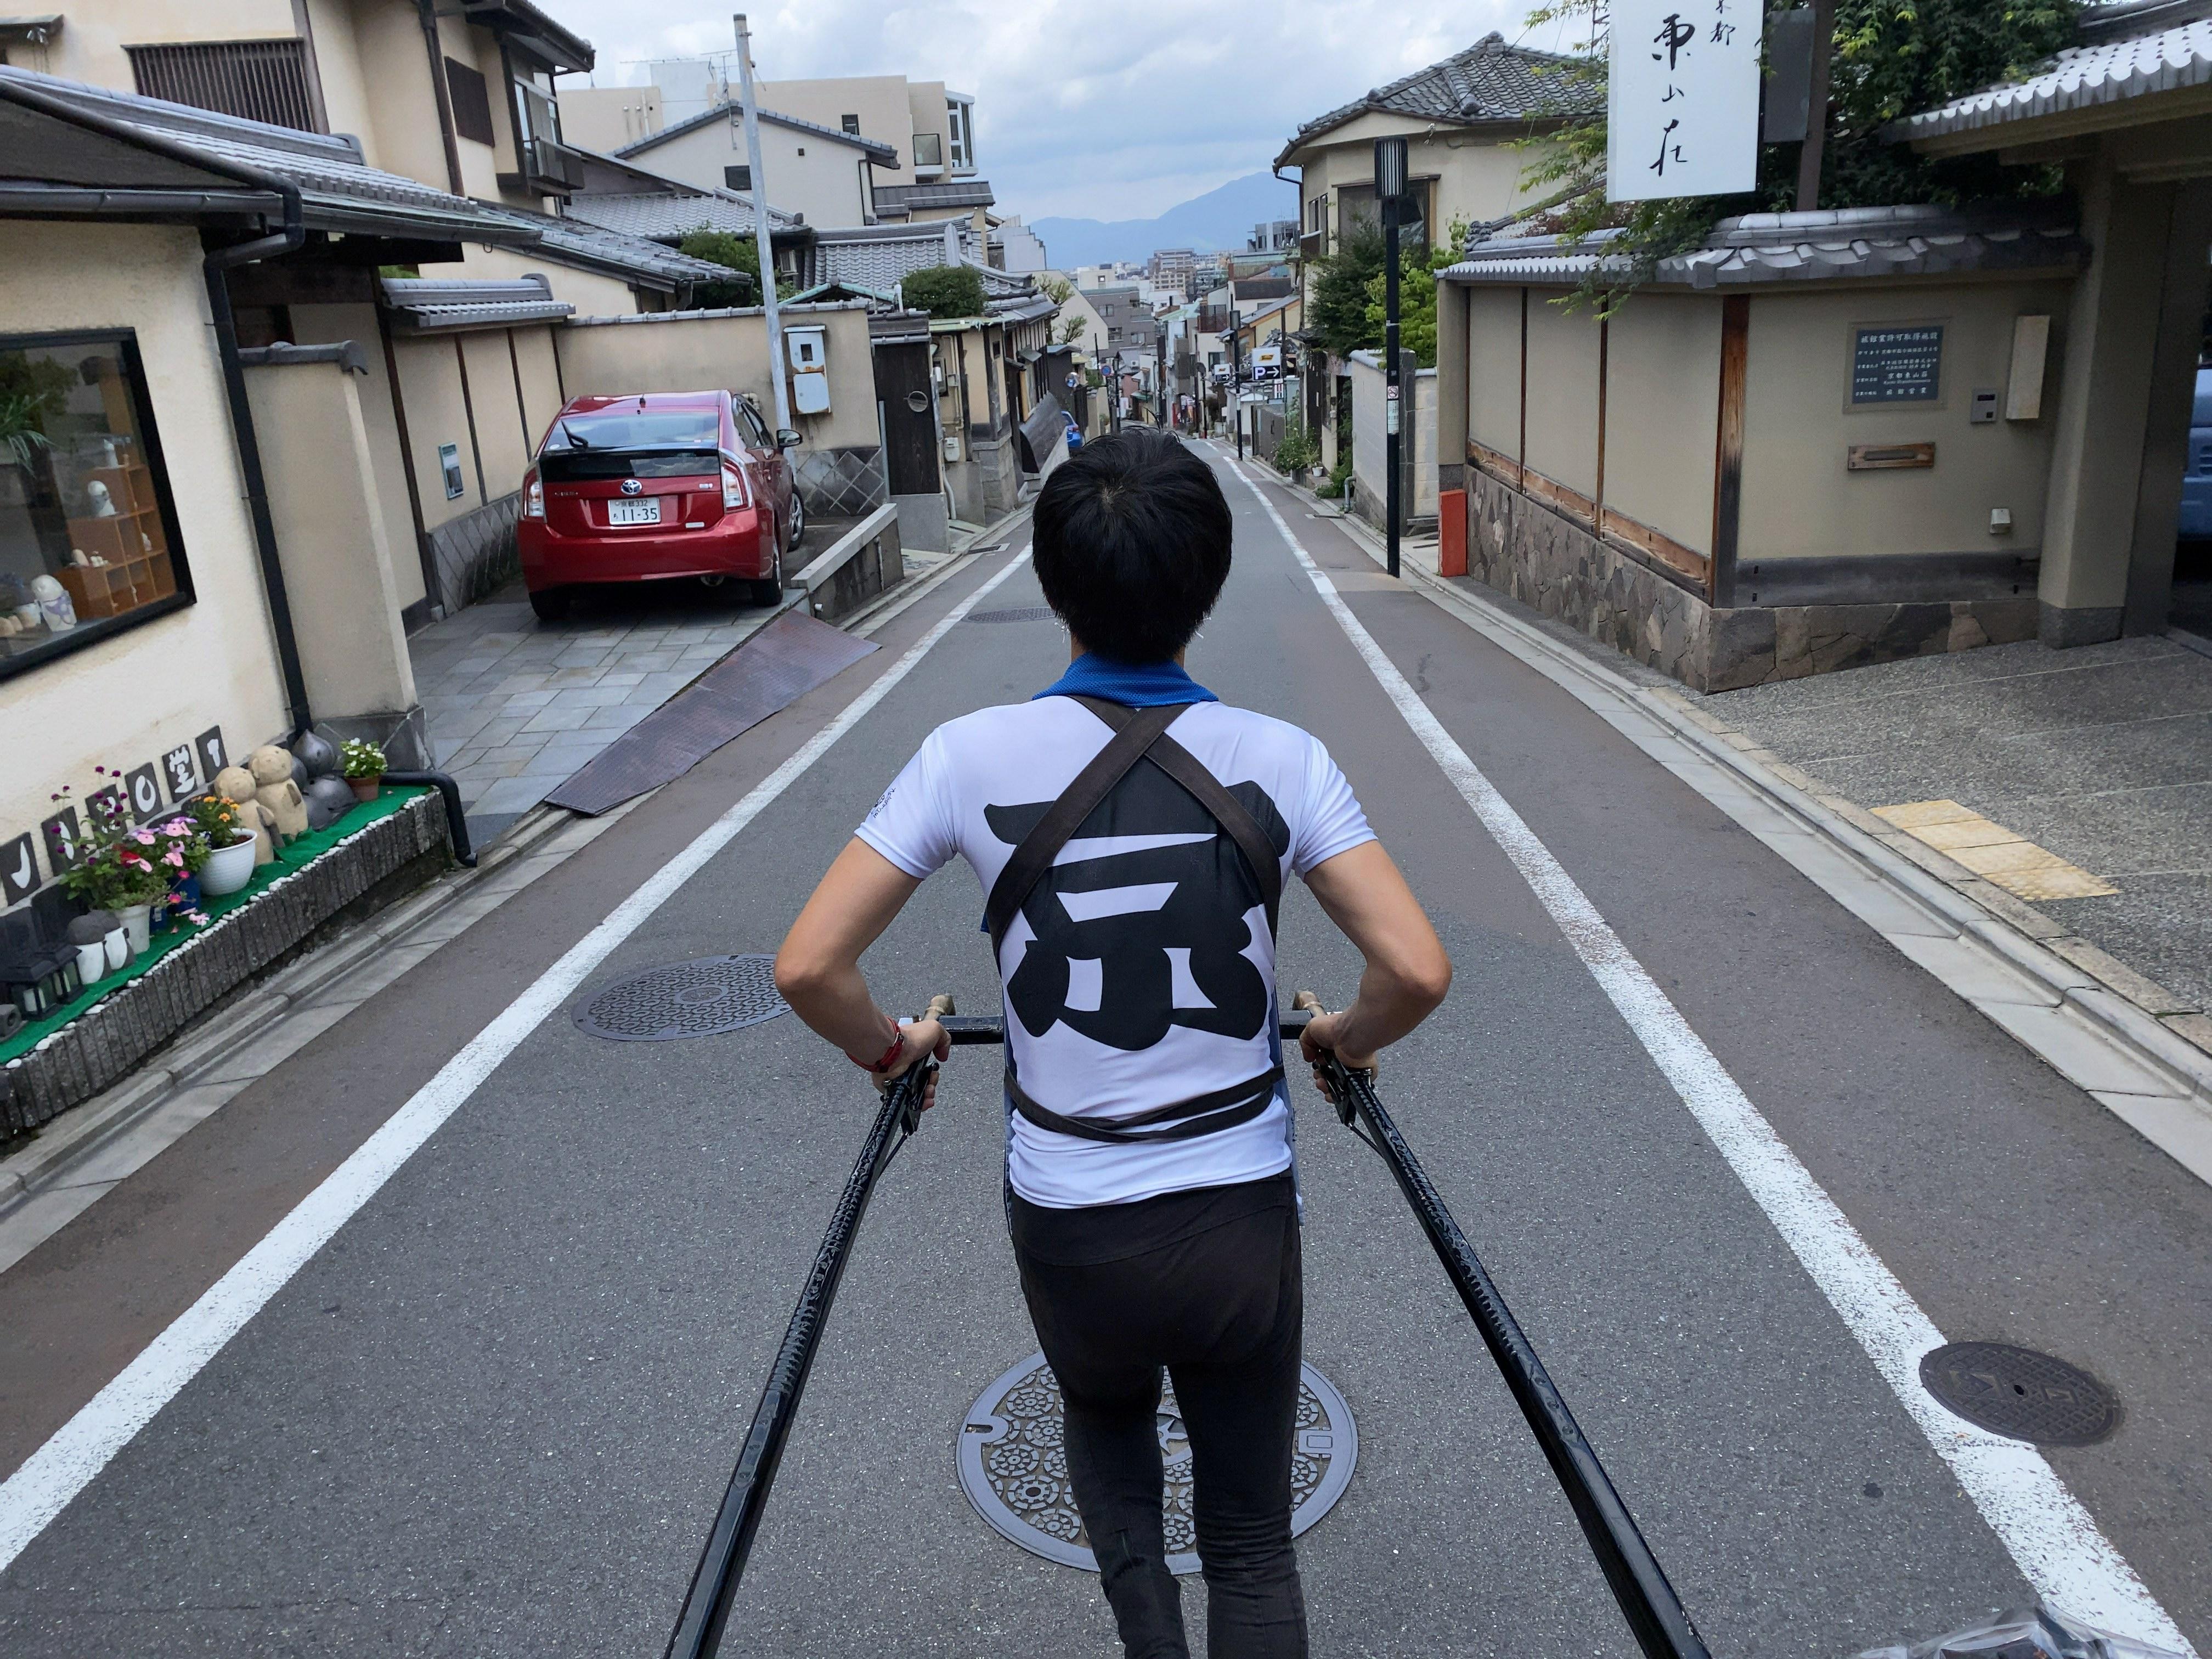 人力車を引く男性